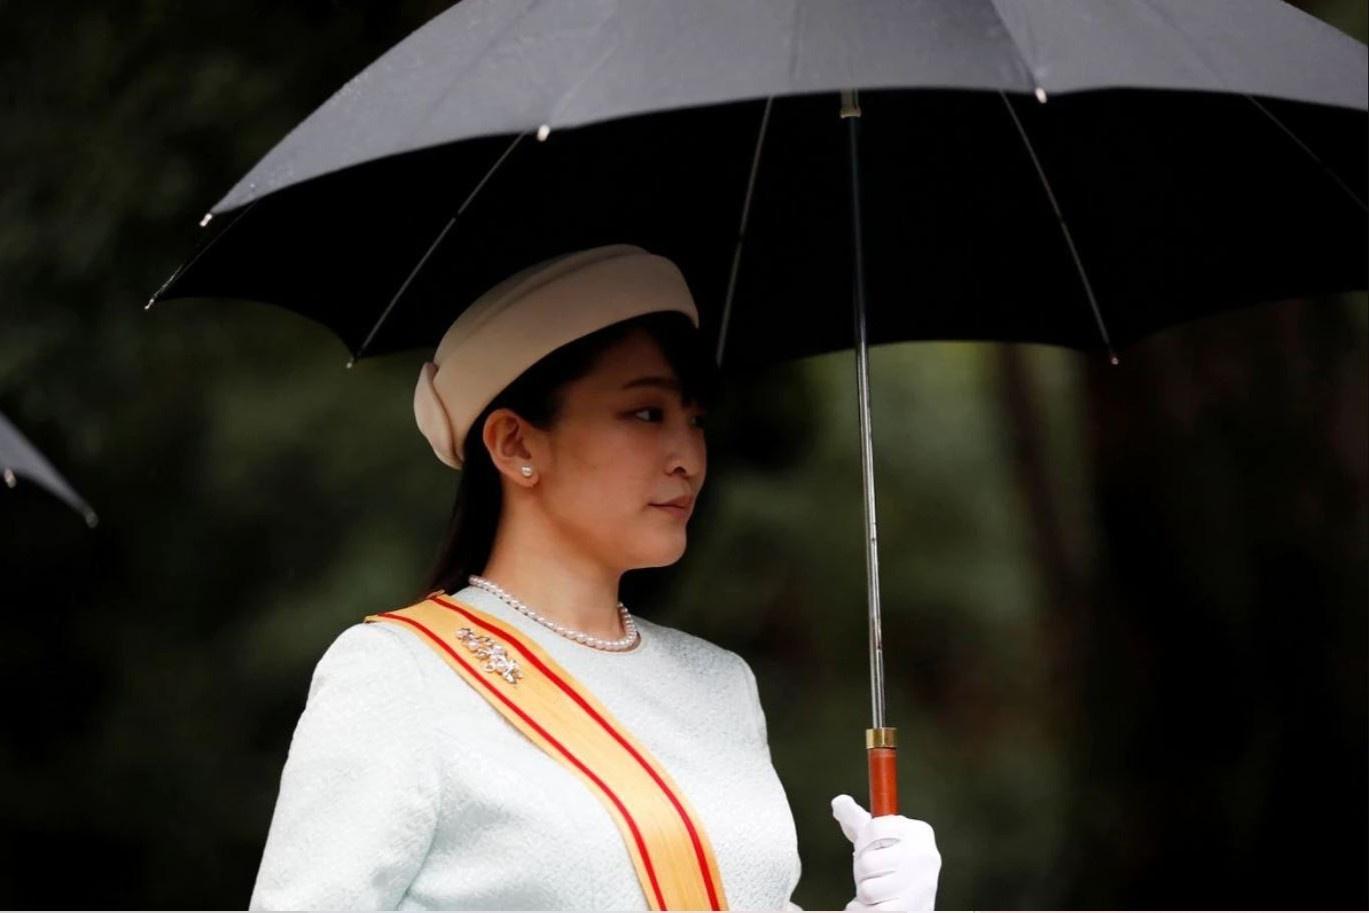 Công chúa Mako sẽ không nhận khoản tiền hồi môn khi kết hôn